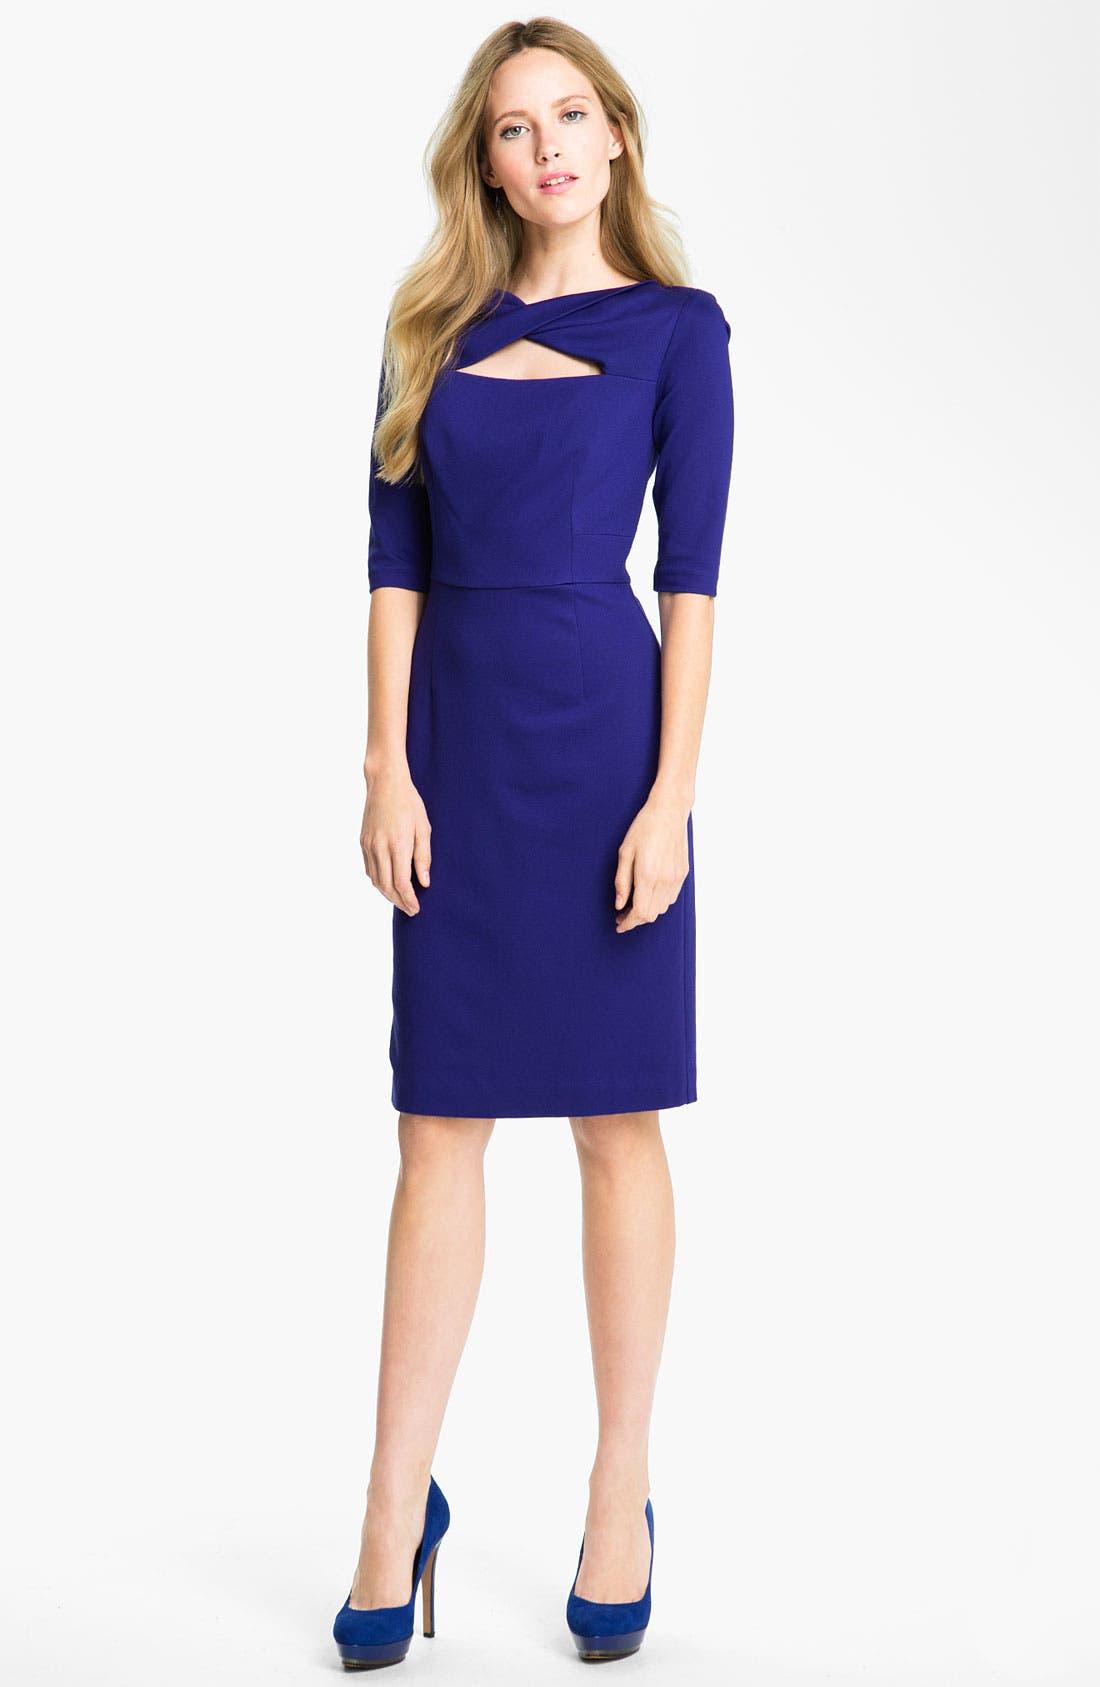 Alternate Image 1 Selected - Trina Turk 'Romanov' Ponte Sheath Dress